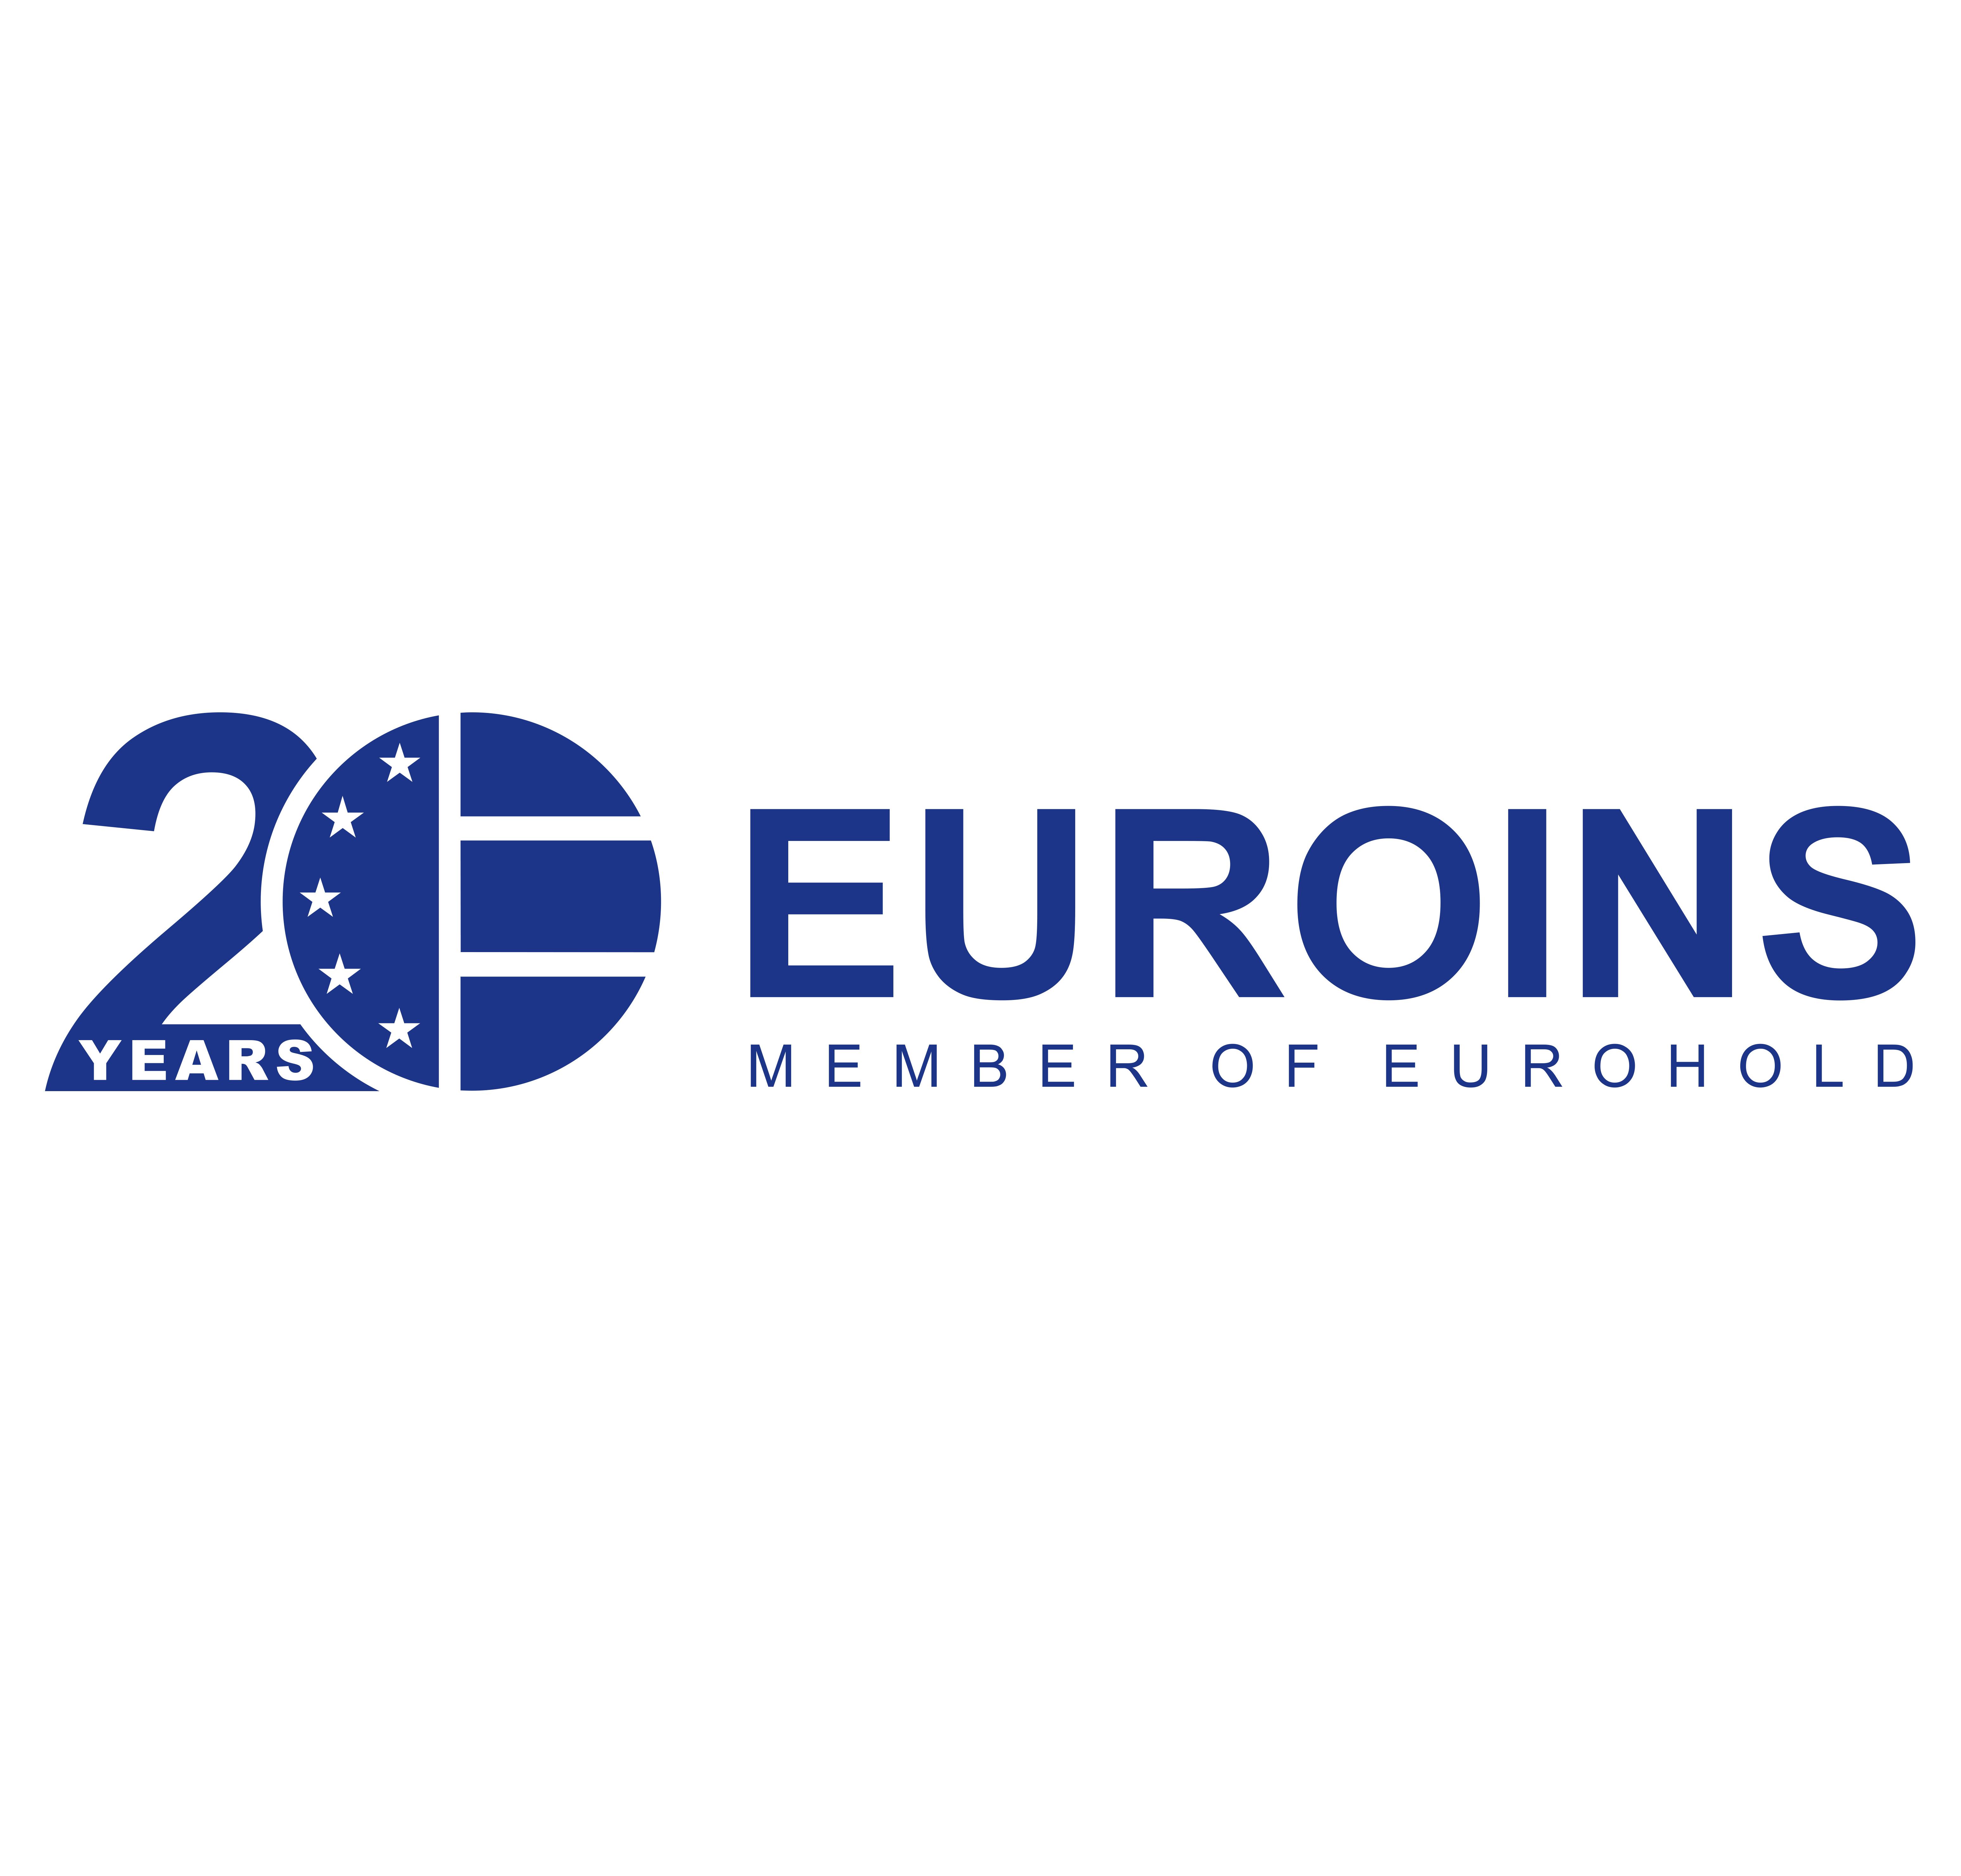 Euroins_20yrs